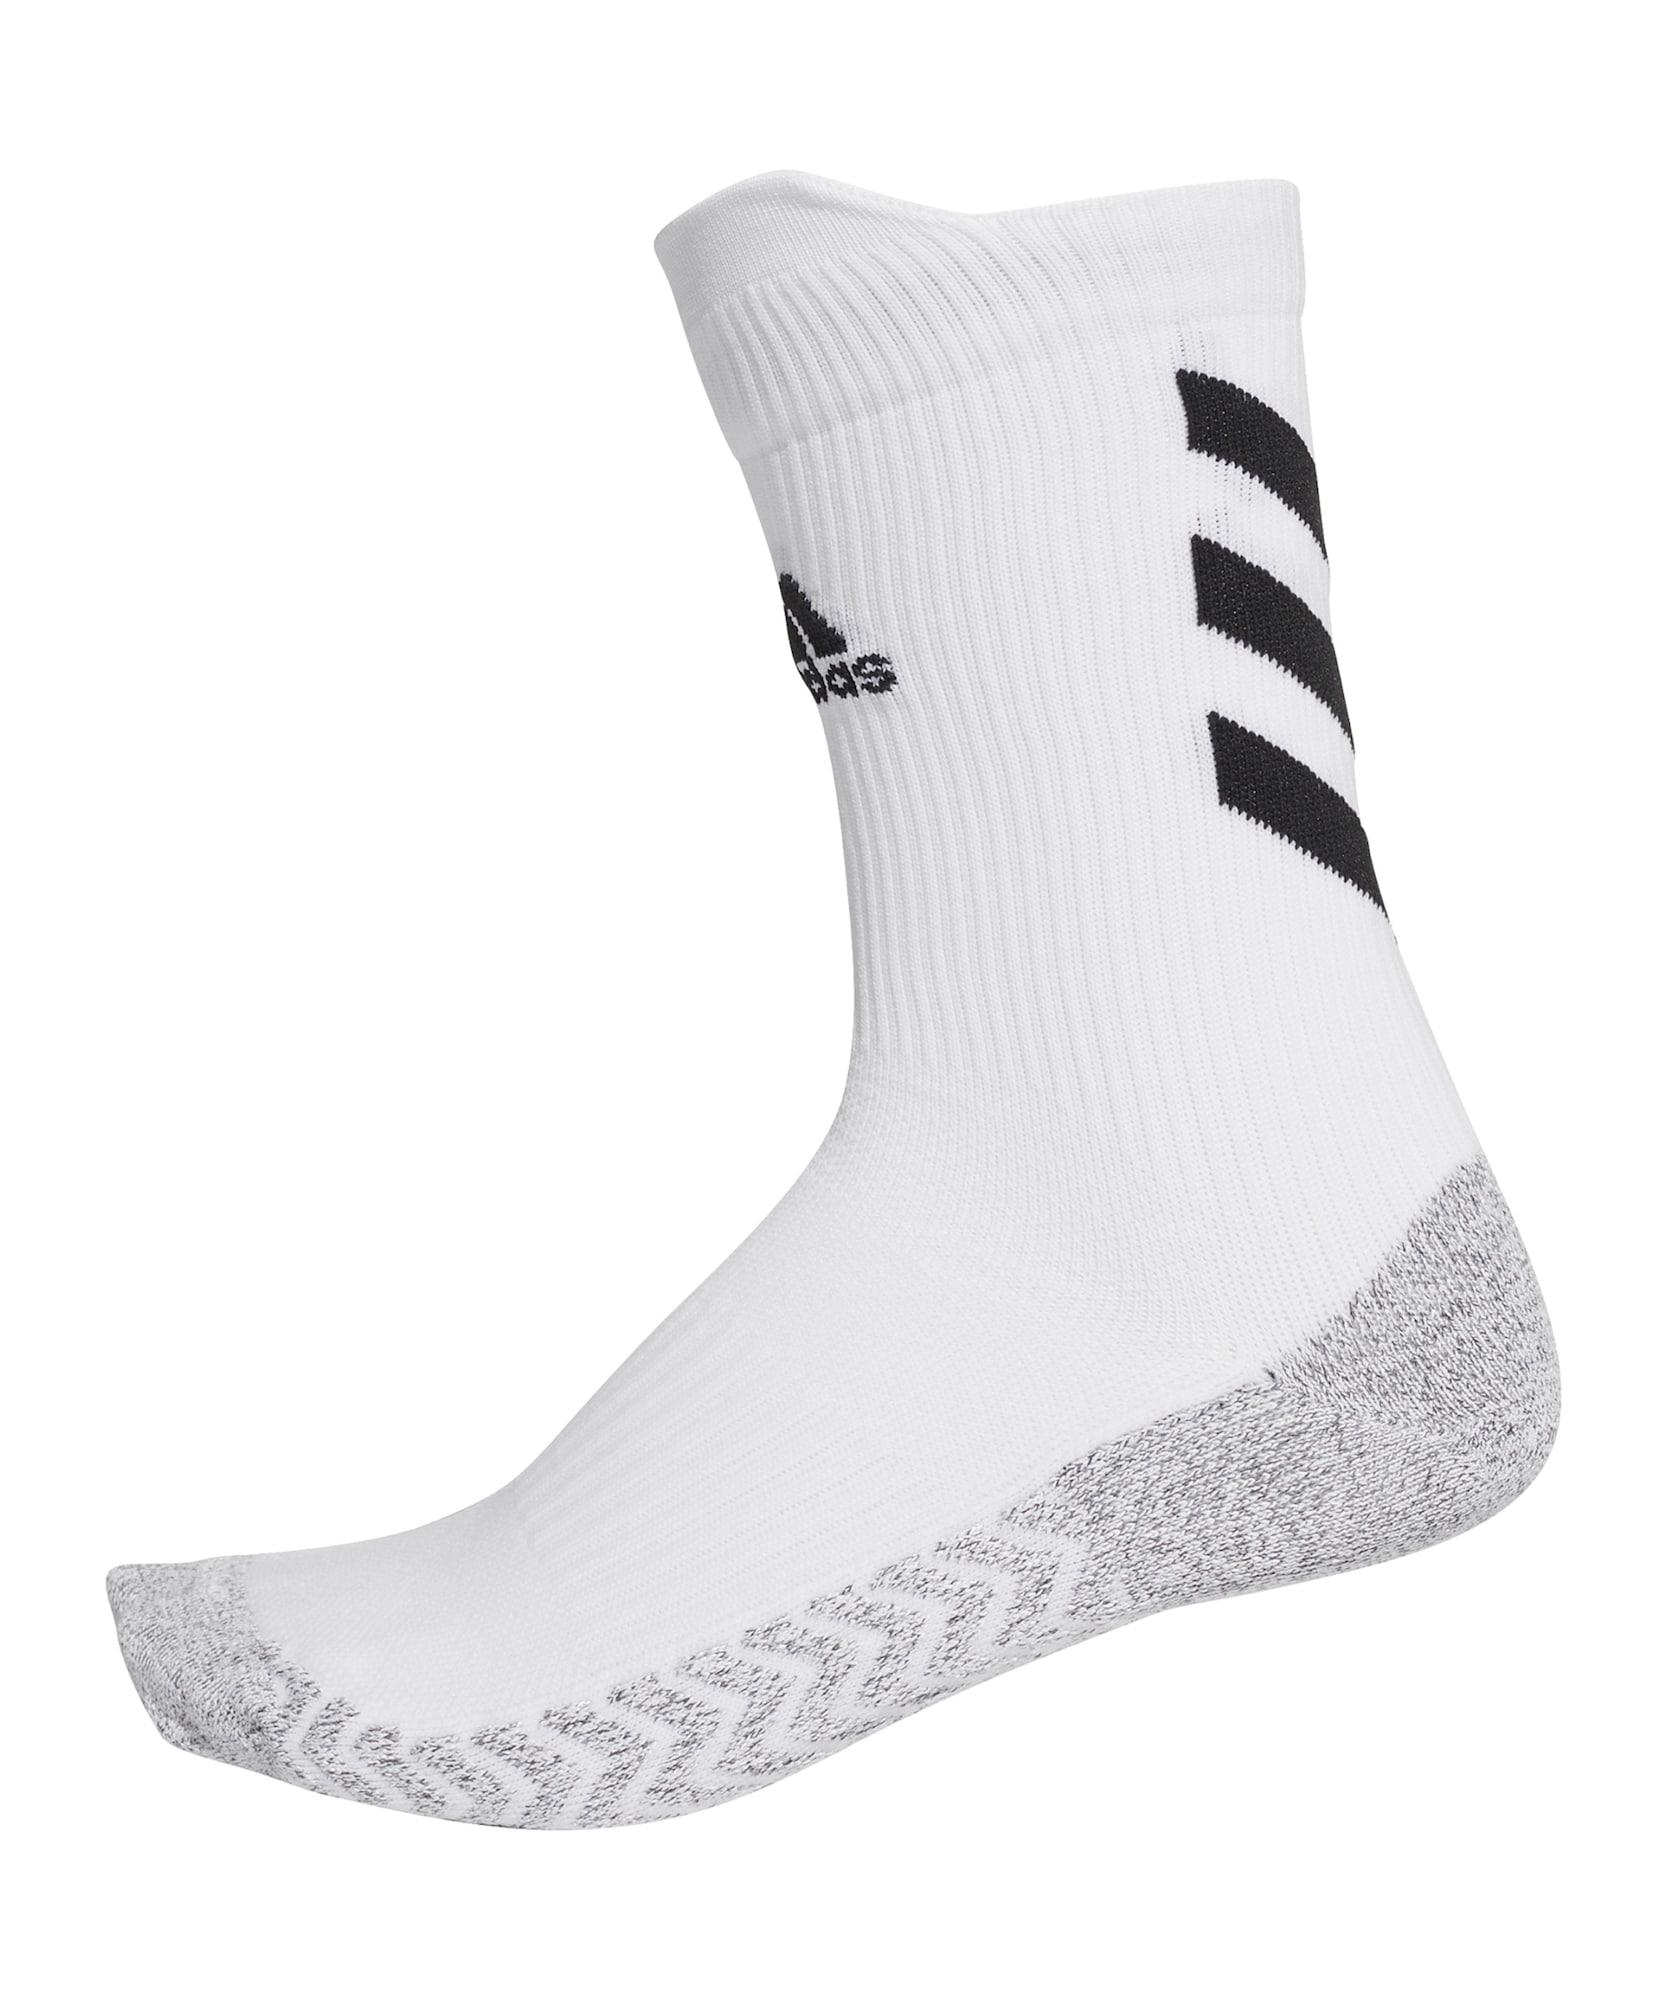 ADIDAS PERFORMANCE Sportinės kojinės pilka / balta / juoda